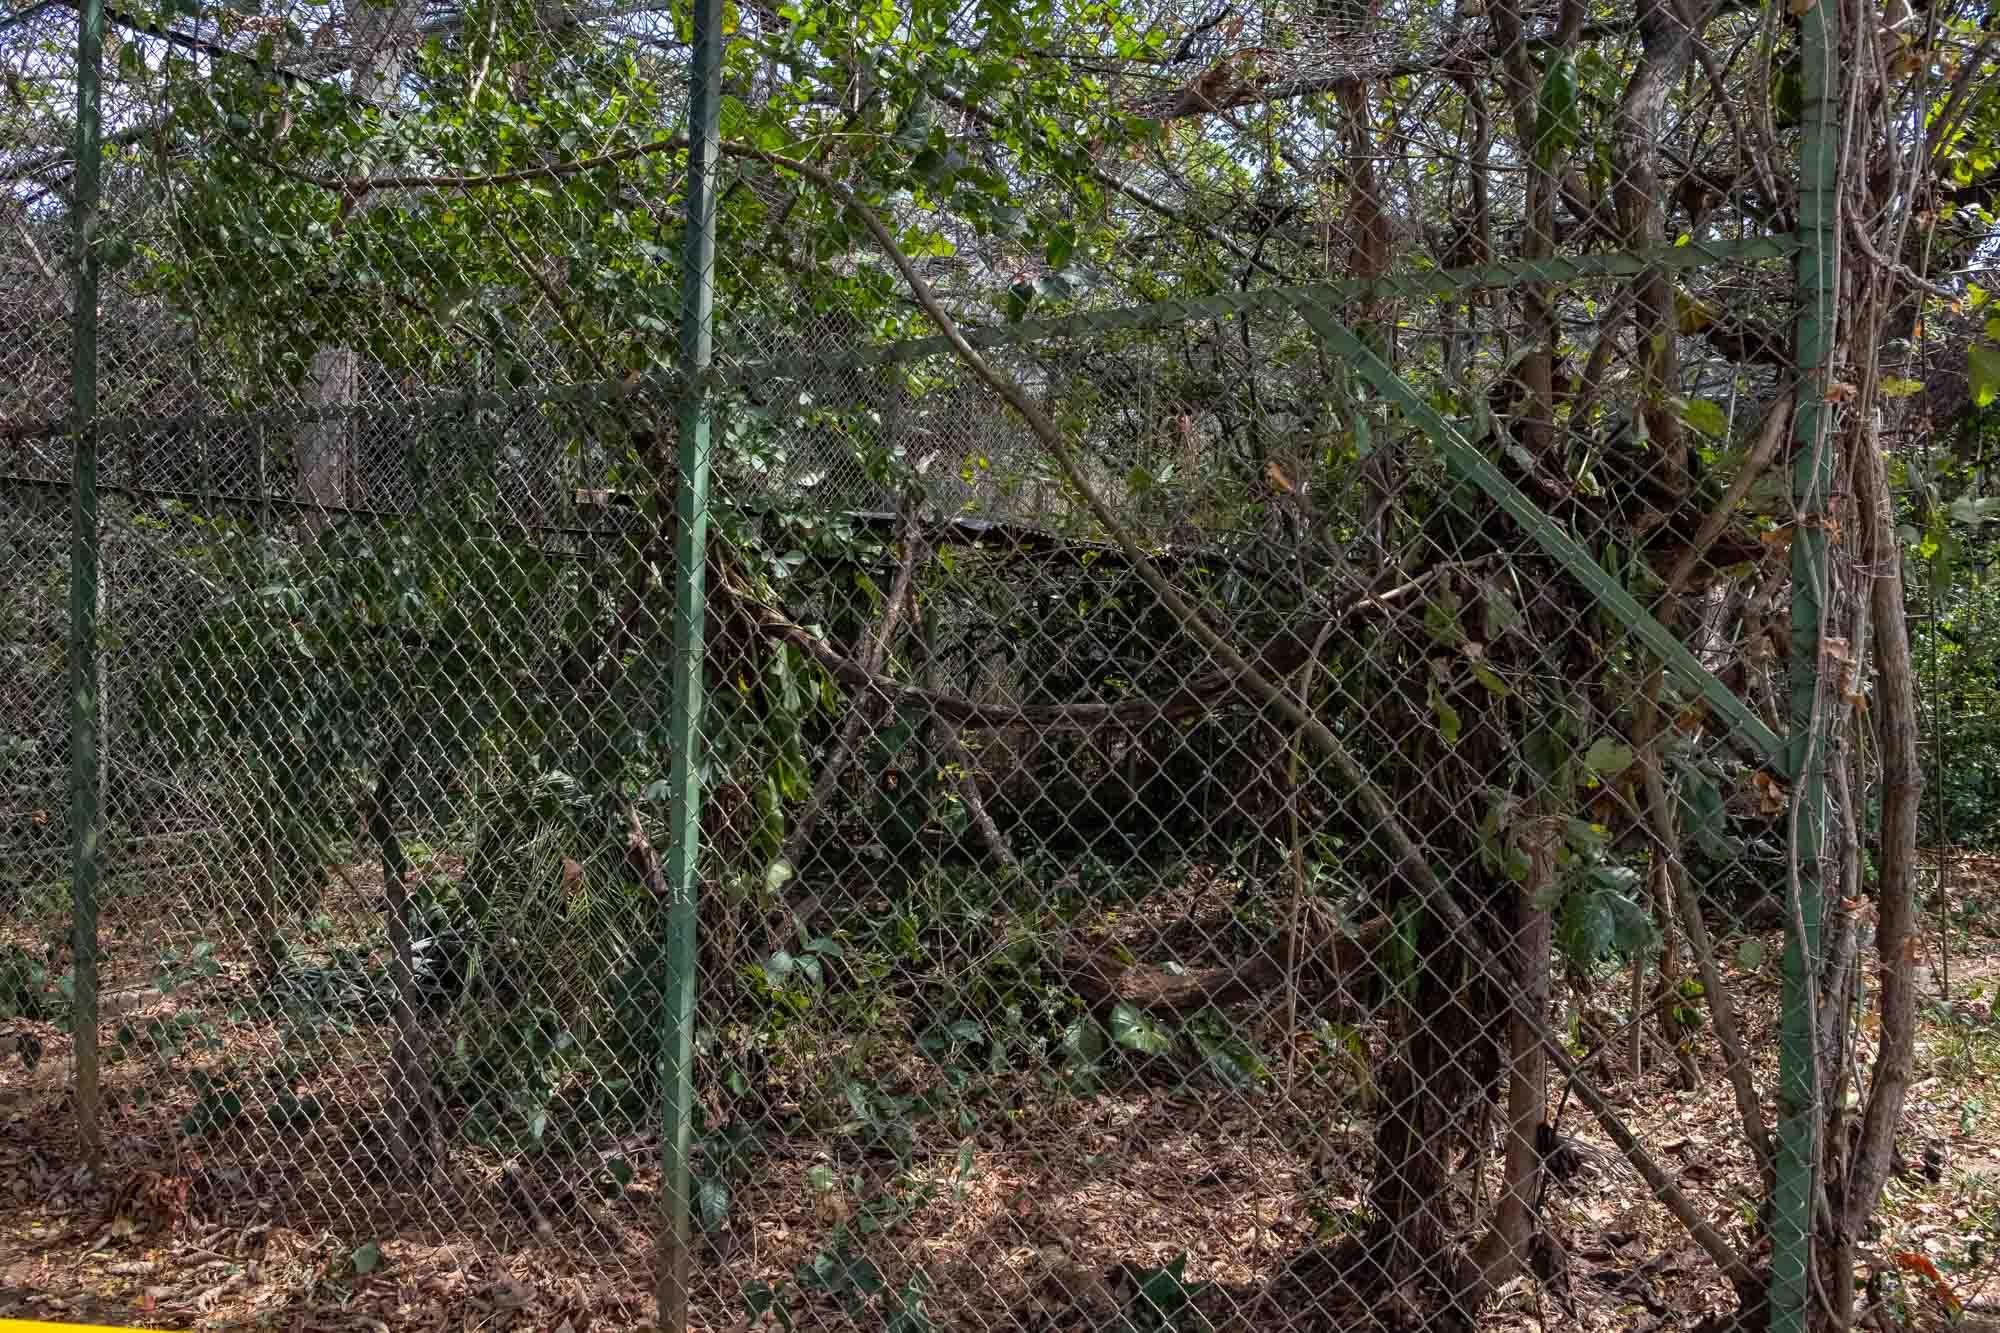 centro de rescate: las pumas